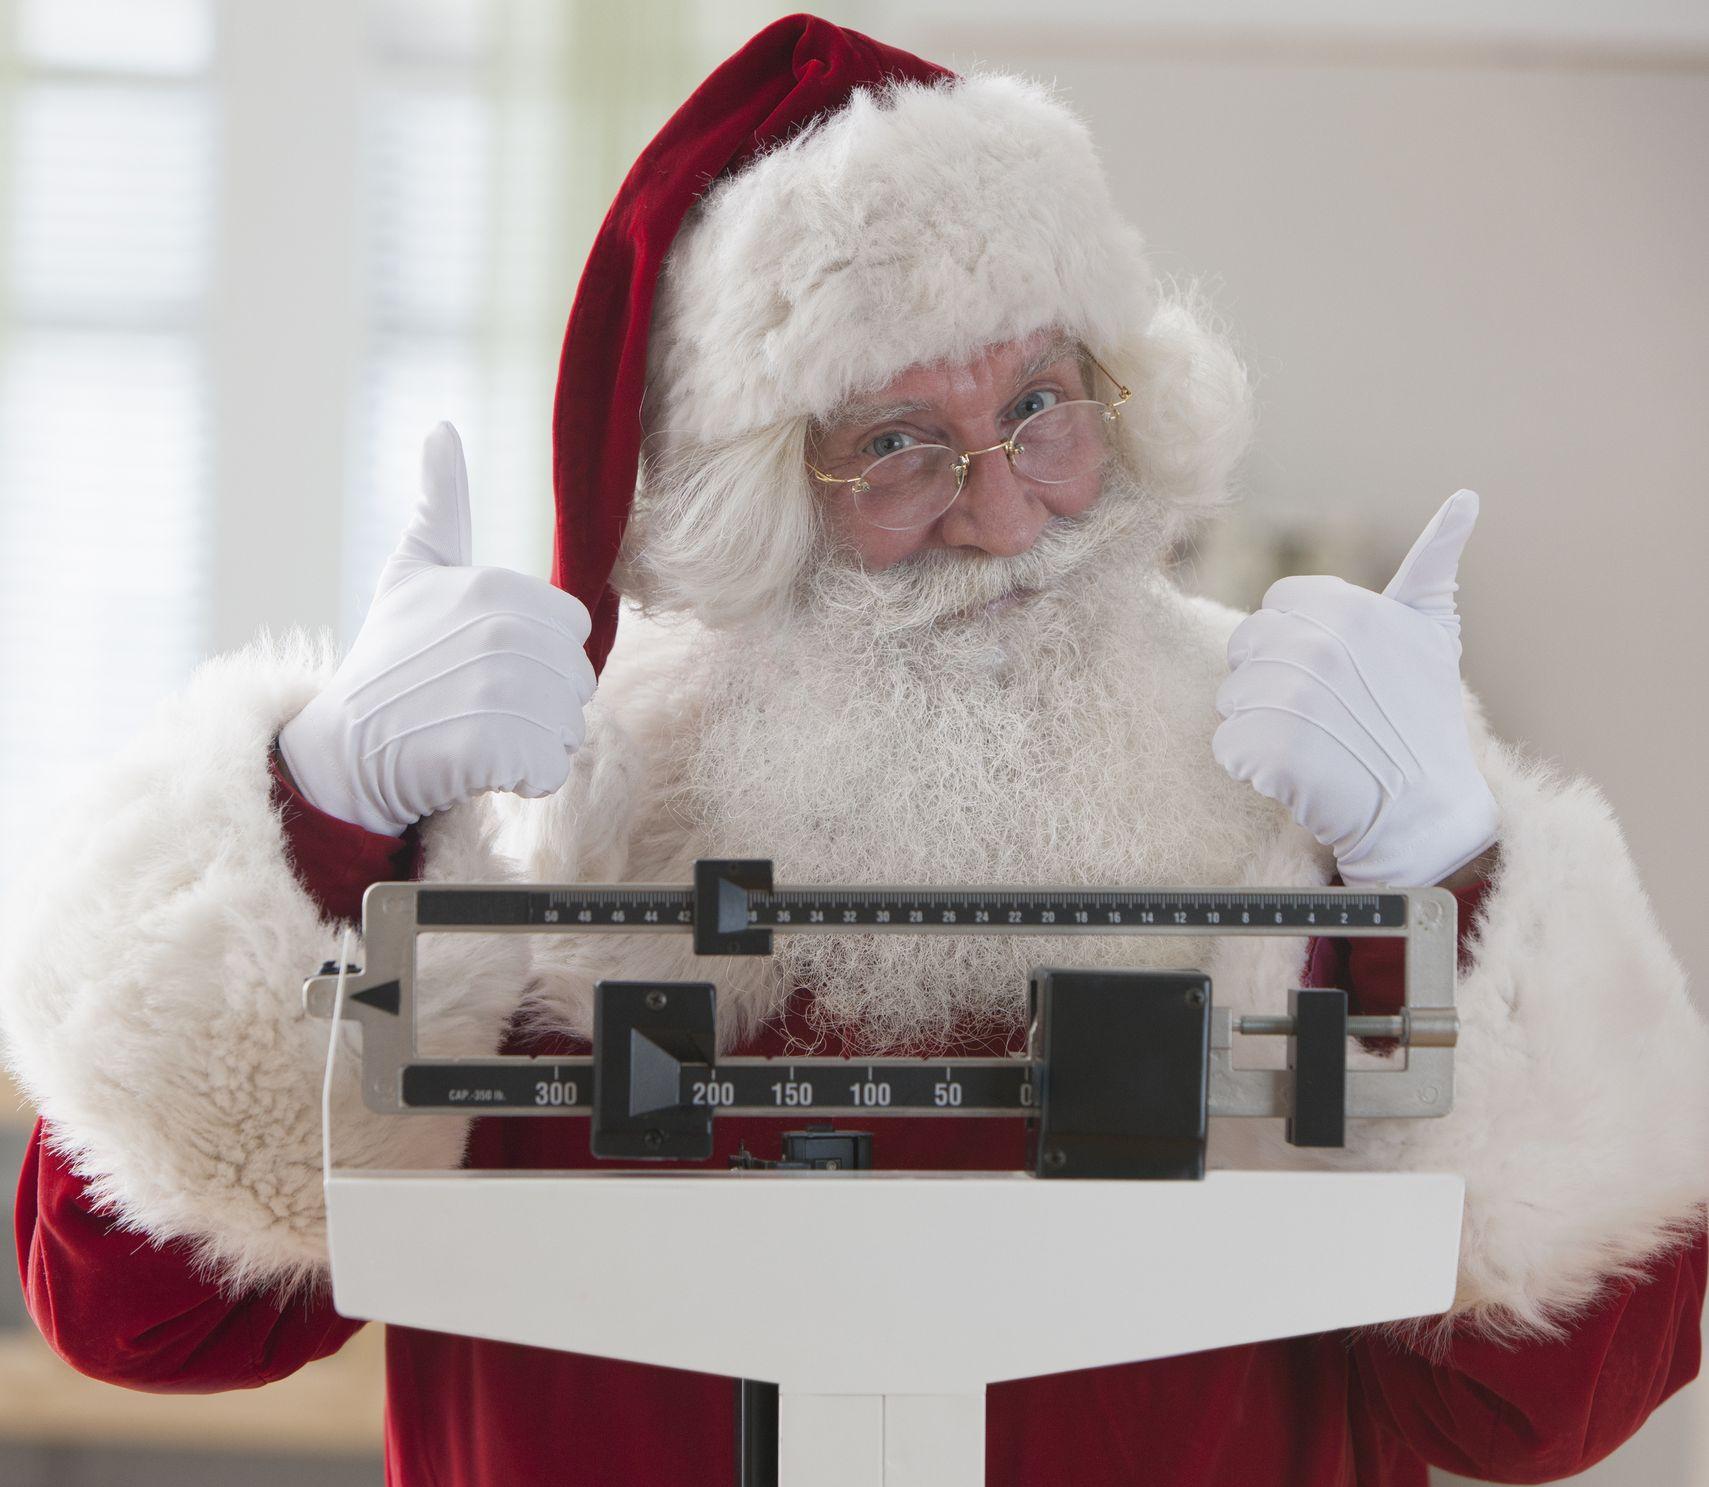 Zatočte s kilami ešte pred Vianocami: Týchto 7 potravín vám v tom pomôže!